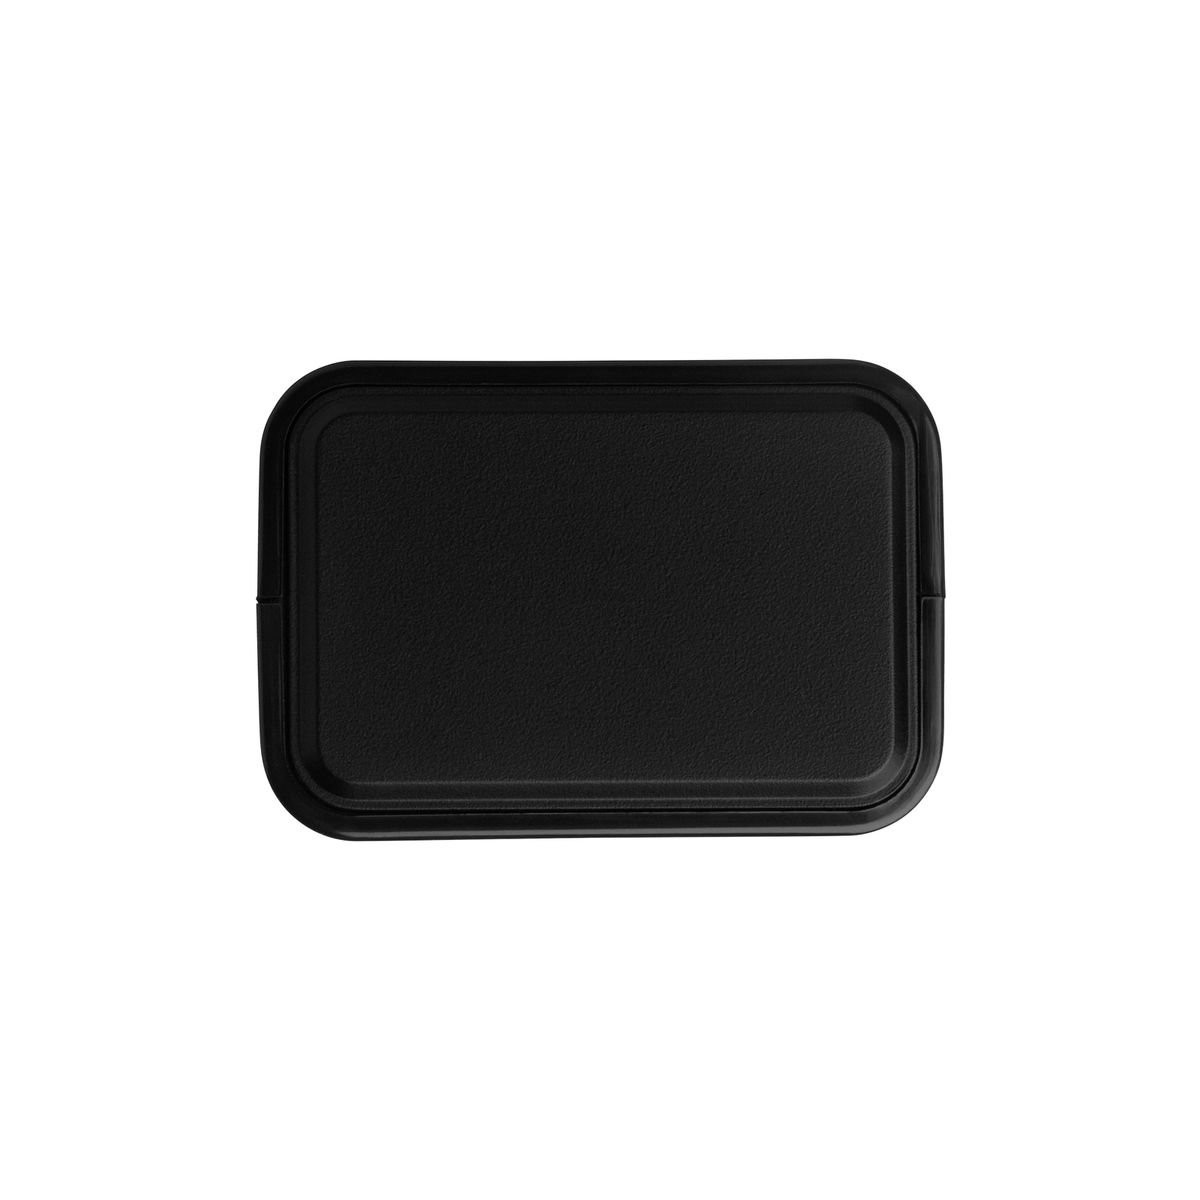 USB Autoladeadapter REFLECTS KOSTROMA